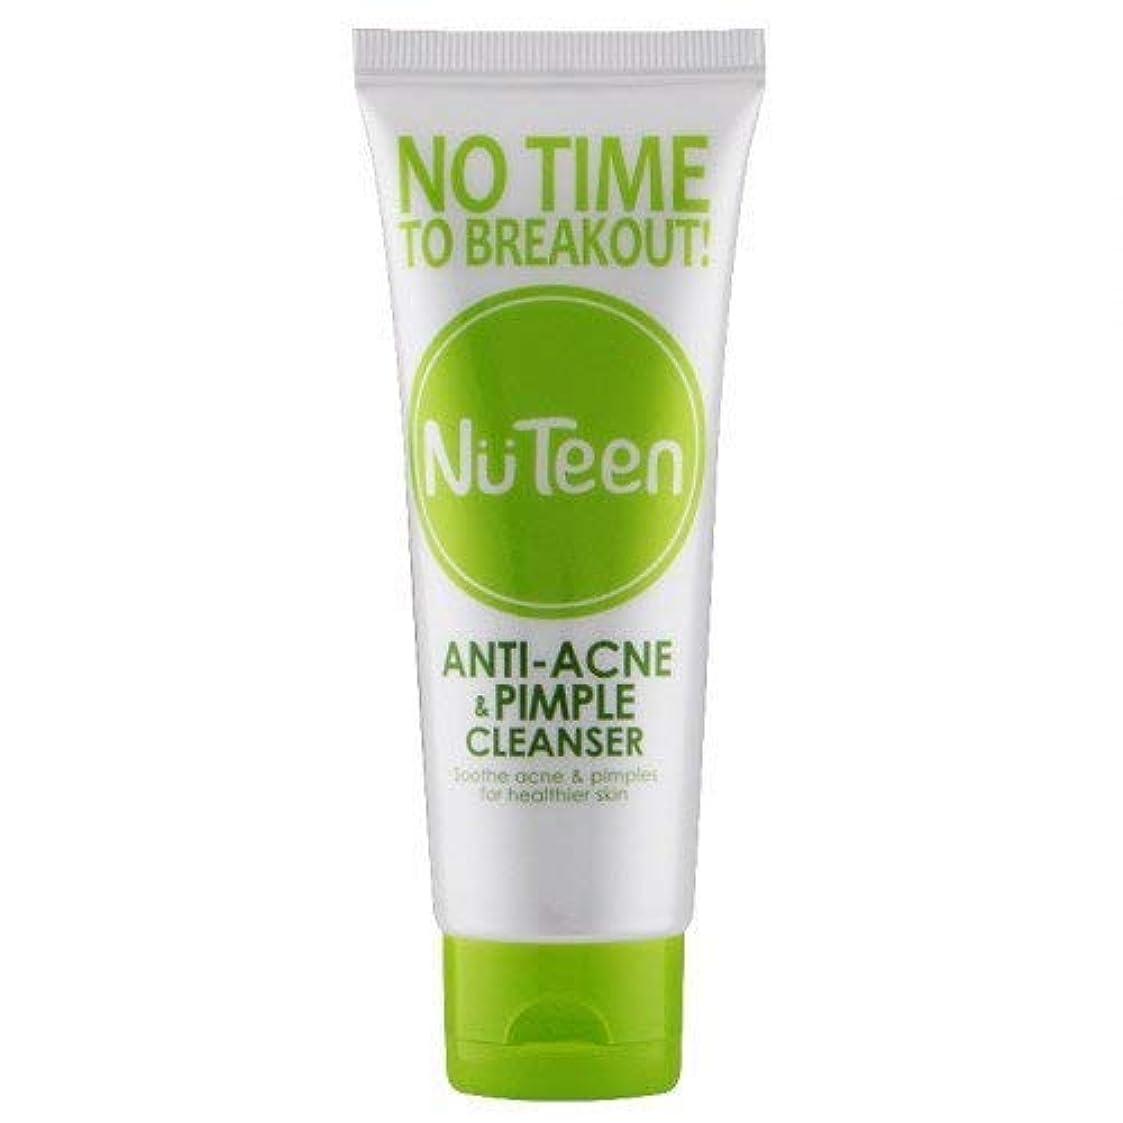 ホステルサミュエルびっくりするNuteen 抗ニキビや吹き出物洗顔料は優しく効果的にきれい100g-乾燥せずに余分な油や汚れを取り除きます